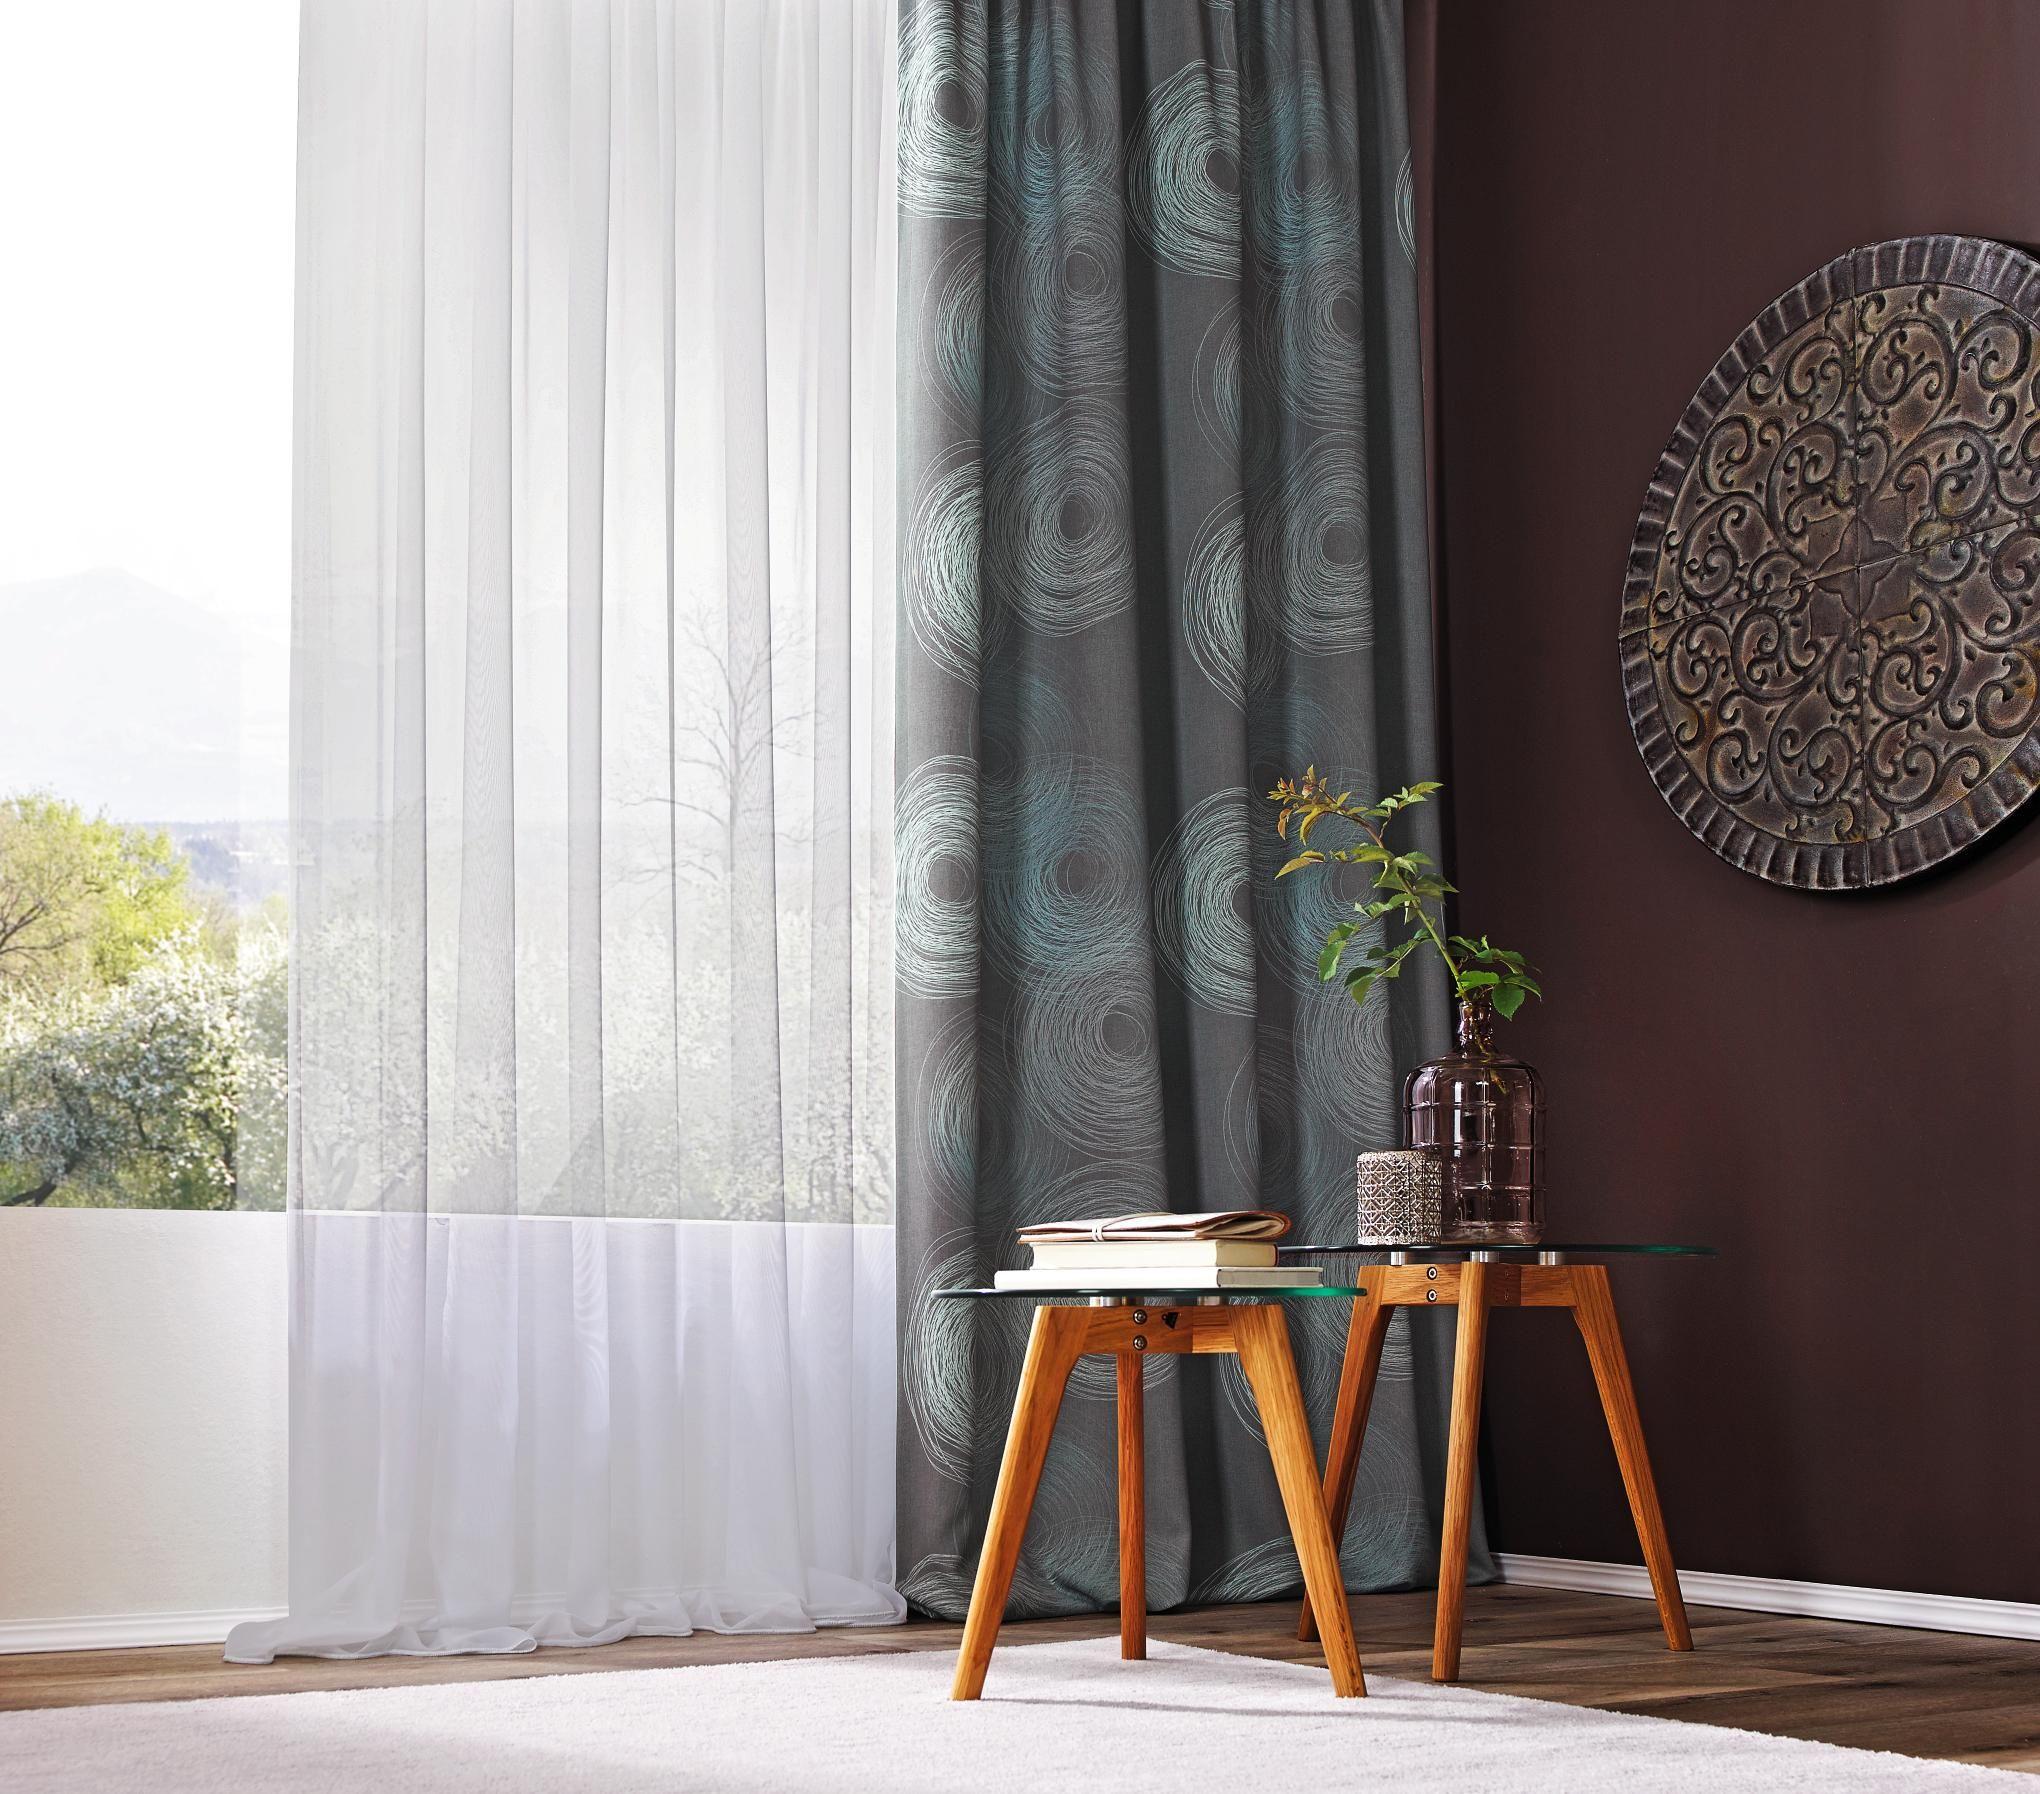 Herausragender Vorhangstoff von ESPOSA mit edlem Muster | Vorhänge